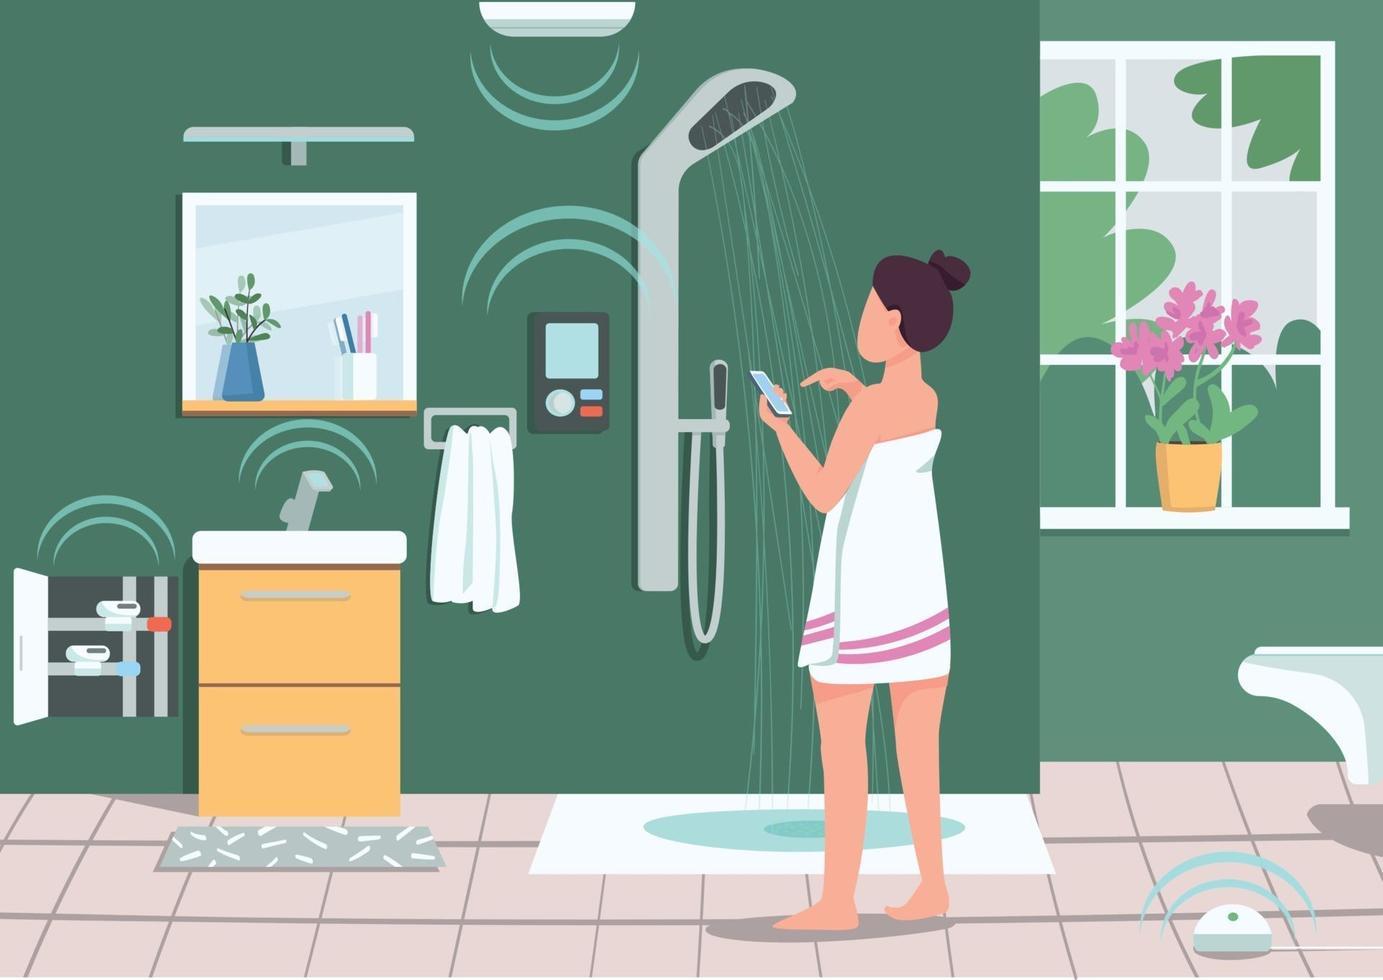 smarta badrumsapparater platt färg vektorillustration. flicka kontrollerar dusch med smartphone. iot i hemmet. kvinna som använder mobiltelefon 2d seriefigur med badrum på bakgrunden vektor